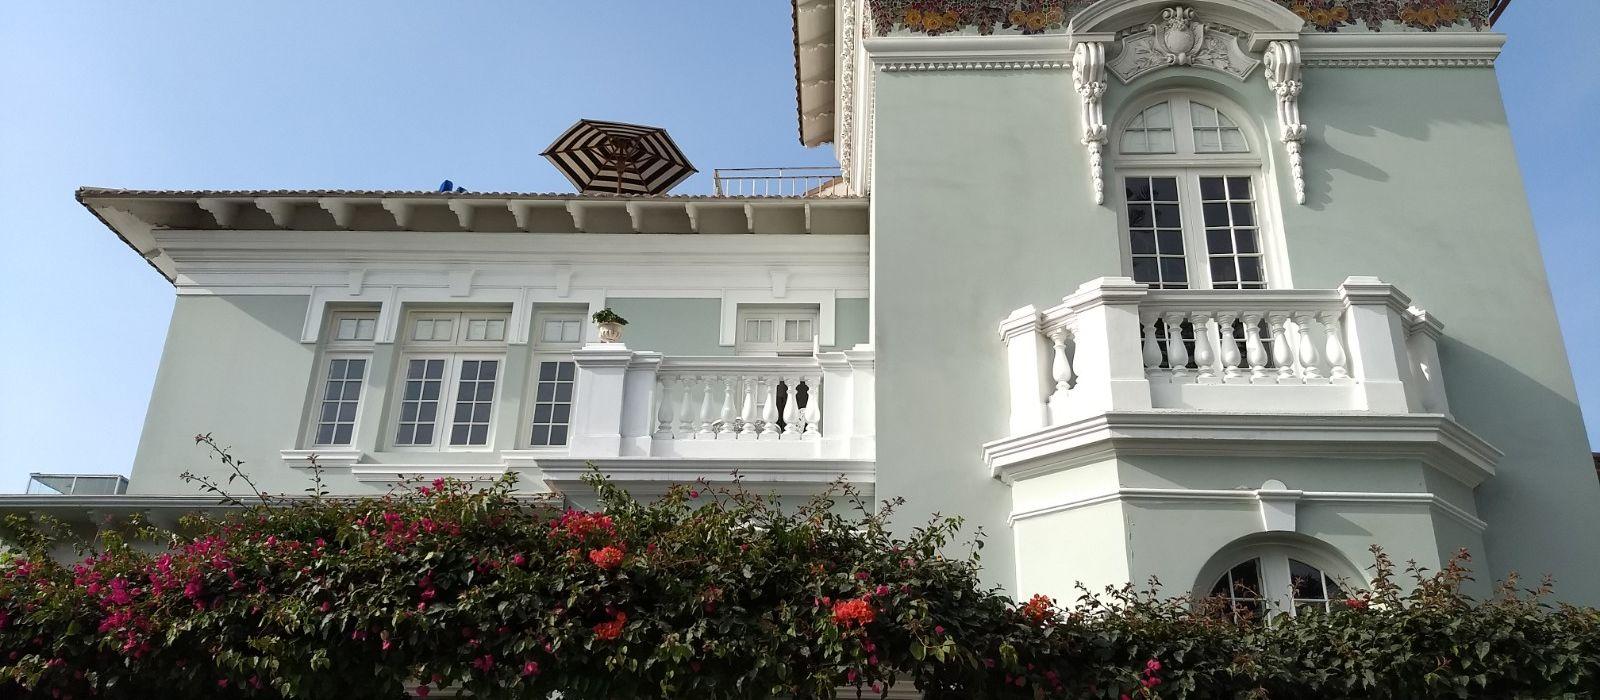 Hotel Villa Barranco by Ananay s Peru